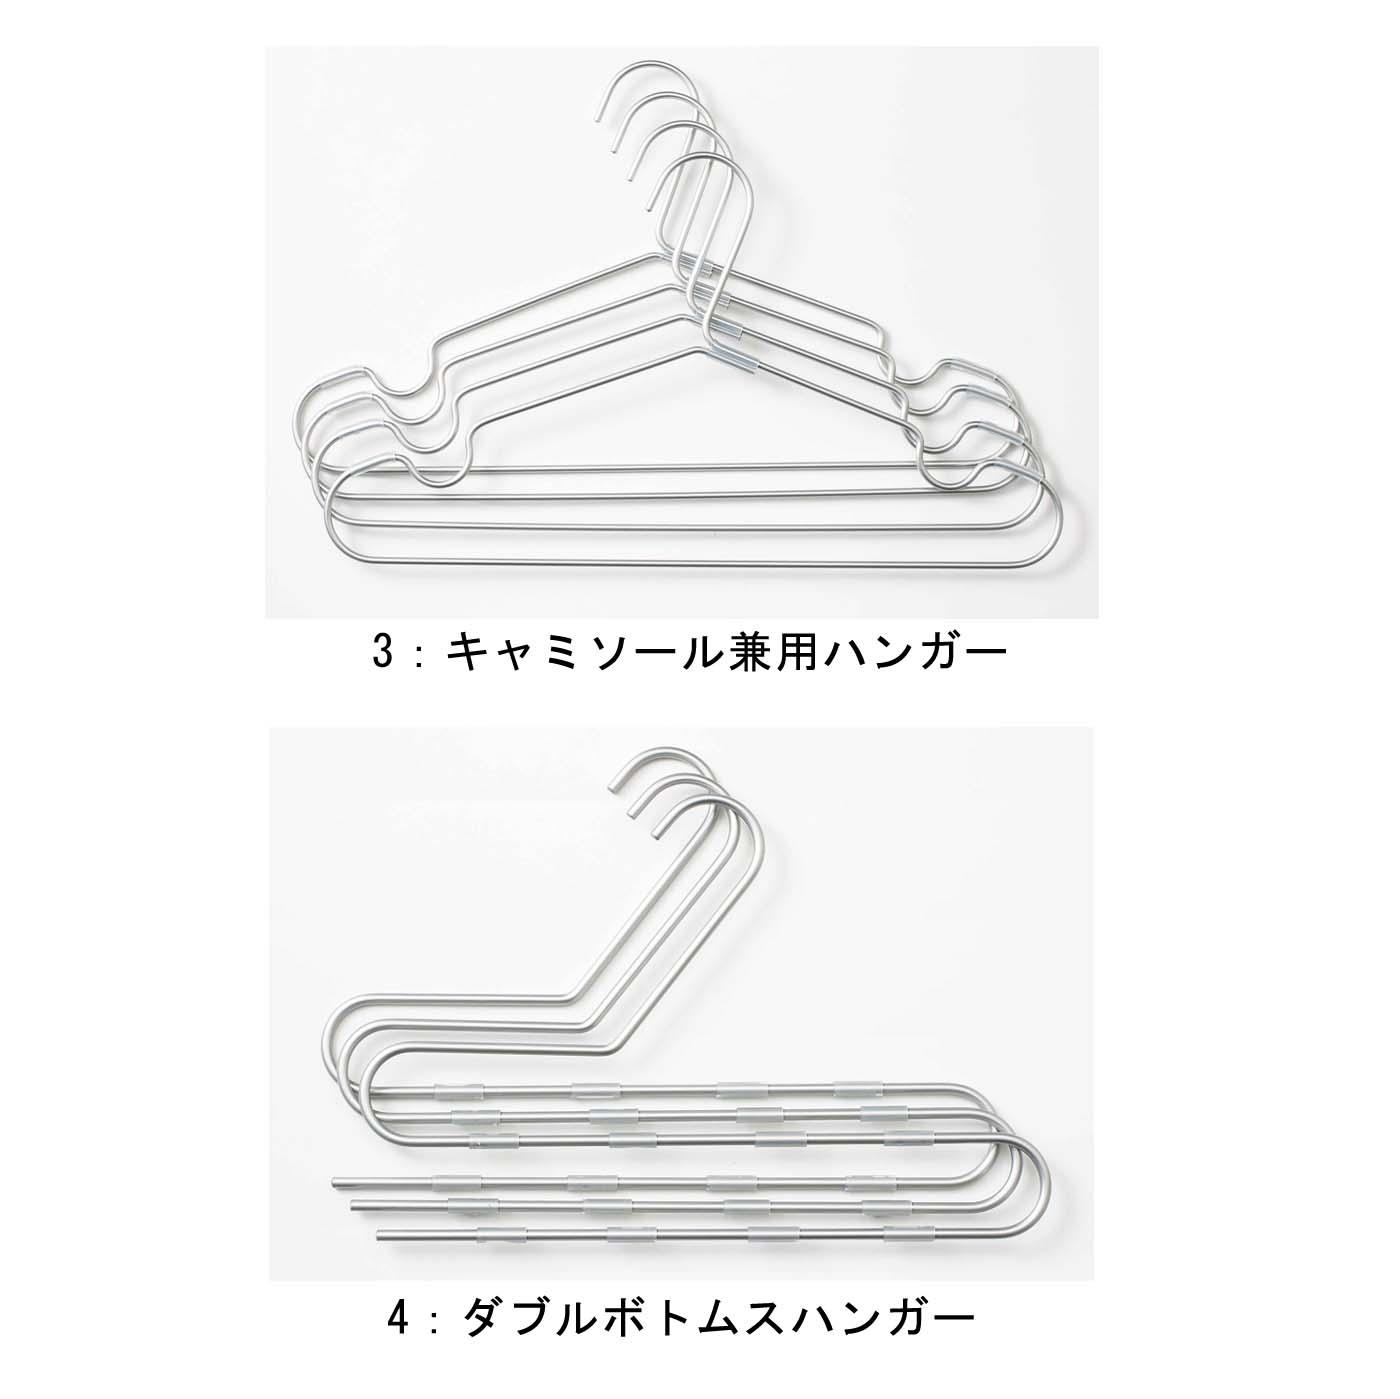 ●タイプ3:キャミソール兼用ハンガー ■セット内容/ハンガー4本 ■素材/アルミニウム、ポリエチレン 滑り止め:シリコーン ■サイズ/高さ約21.5cm(フック含む)、幅約38cm、厚さ約4mm ●タイプ4:ダブルボトムスハンガー ■セット内容/ハンガー3本 ■素材/アルミニウム、ポリエチレン 滑り止め:シリコーン ■サイズ/高さ約23cm(フック含む)、幅約35.5cm、厚さ約6mm ■耐荷重2kg ※タイプ3・4とも日本製